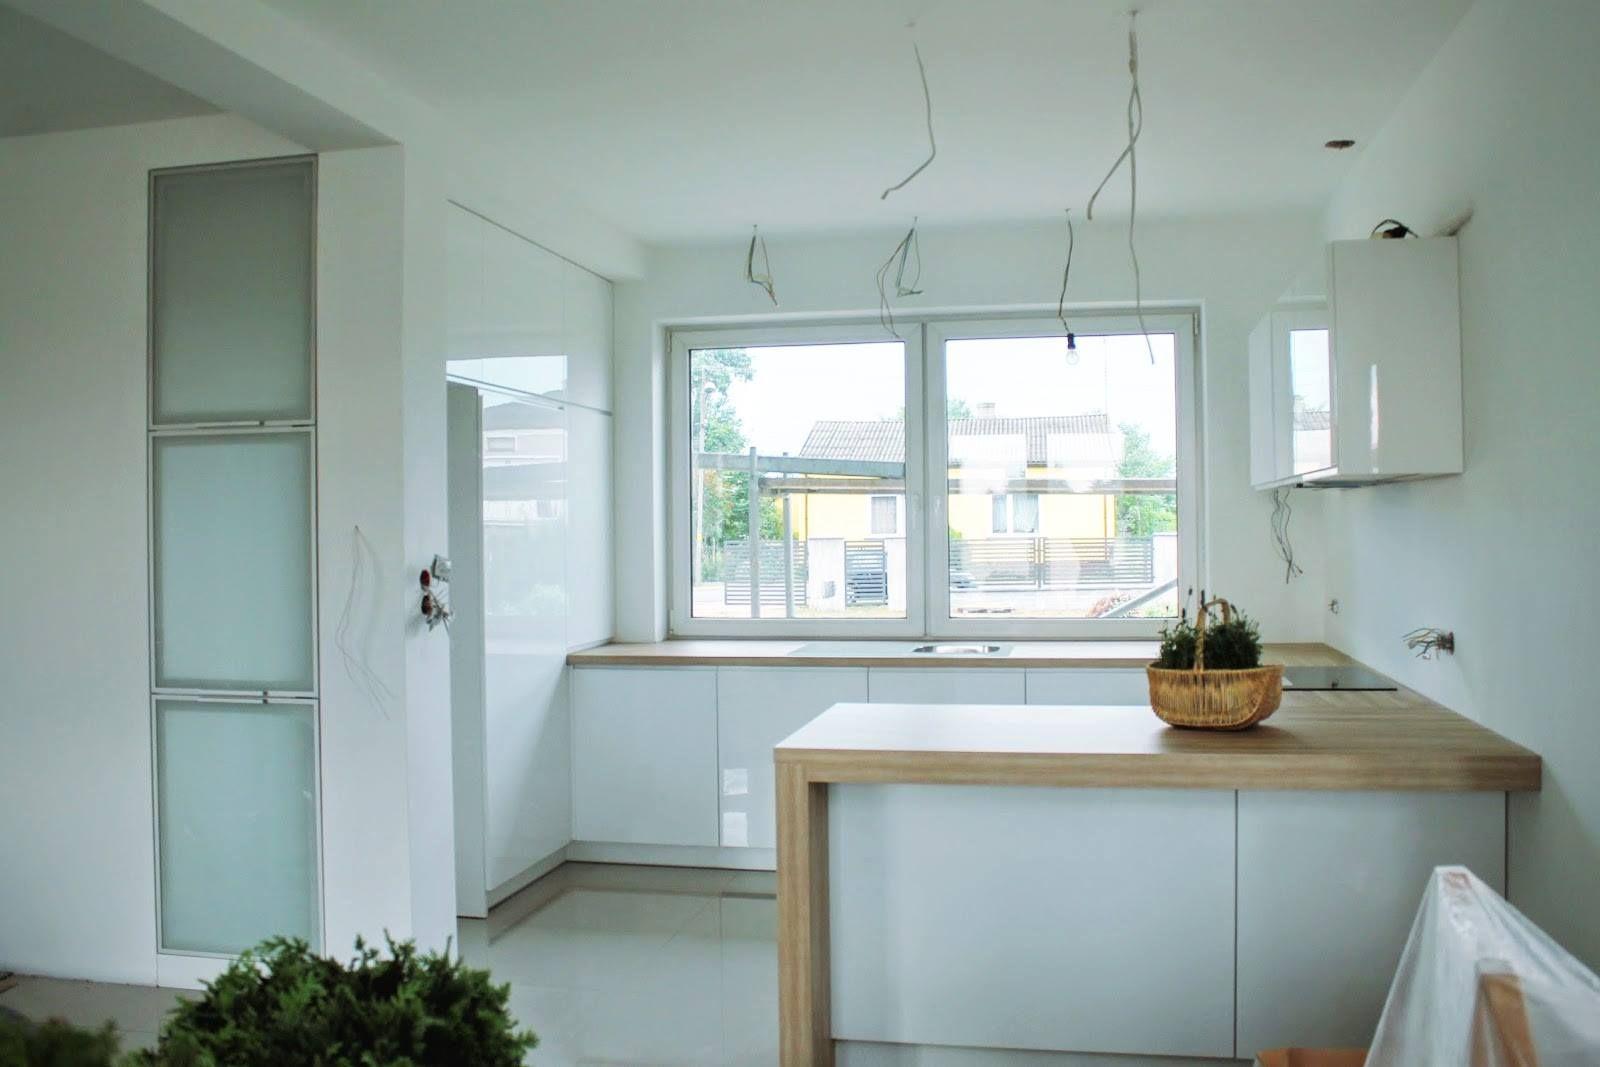 Otwarta kuchnia w bieli hola design homesquare - Bia A Kuchnia Z Po Yskiem Jaki Blat Wybra Myhome